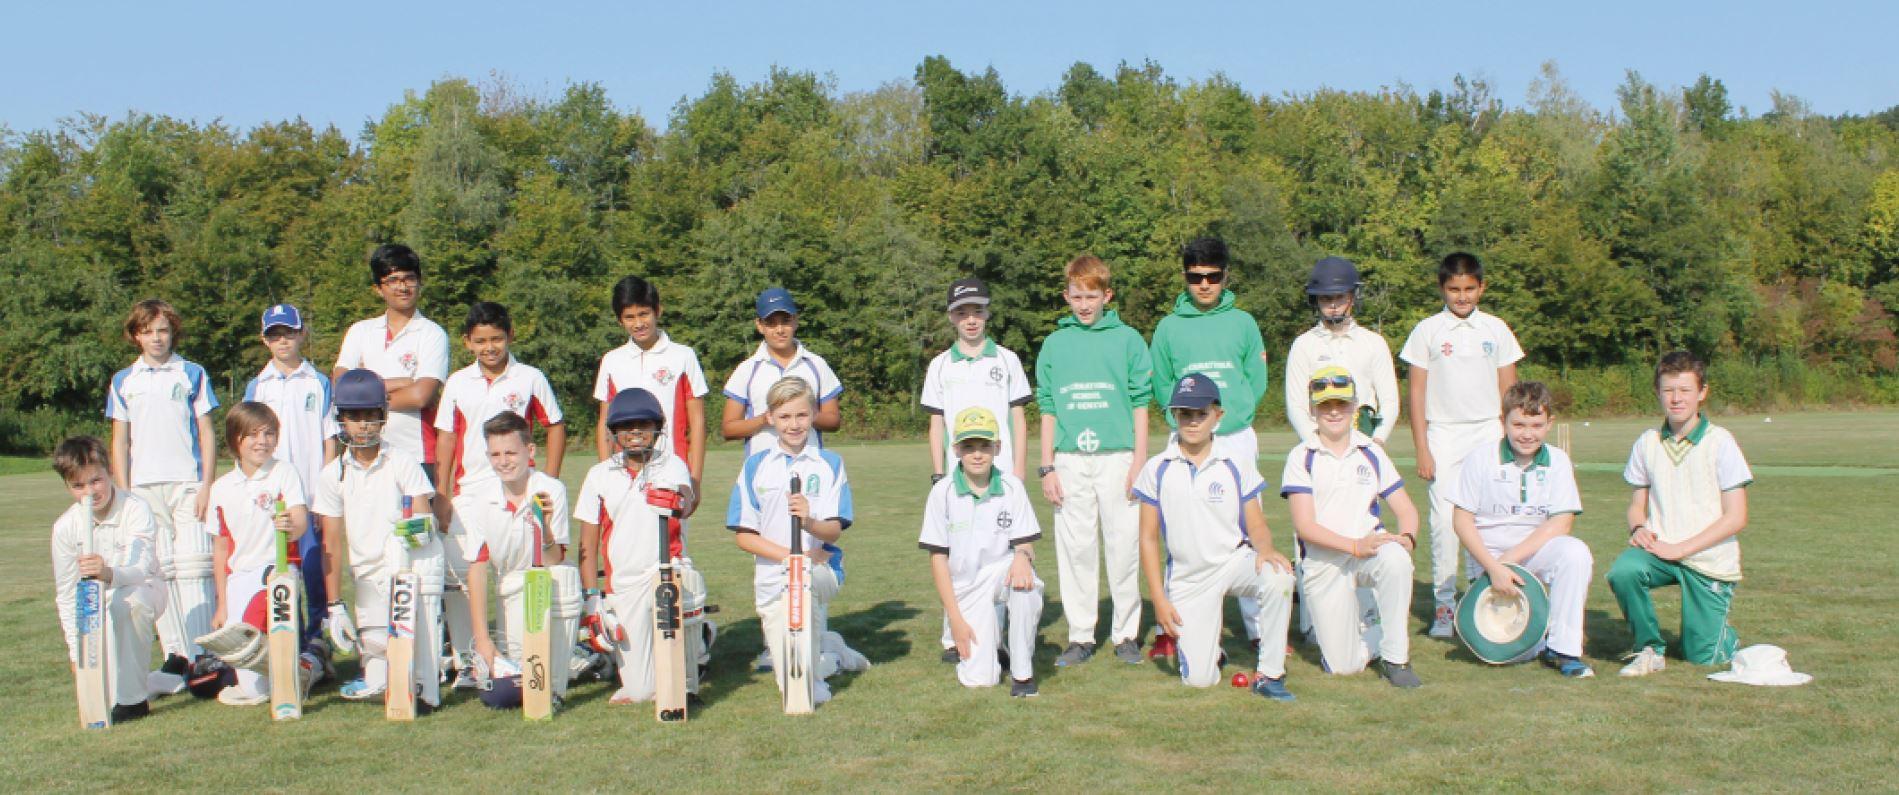 Cossonay, cricket-club. Juniors de Suisse en tournoi